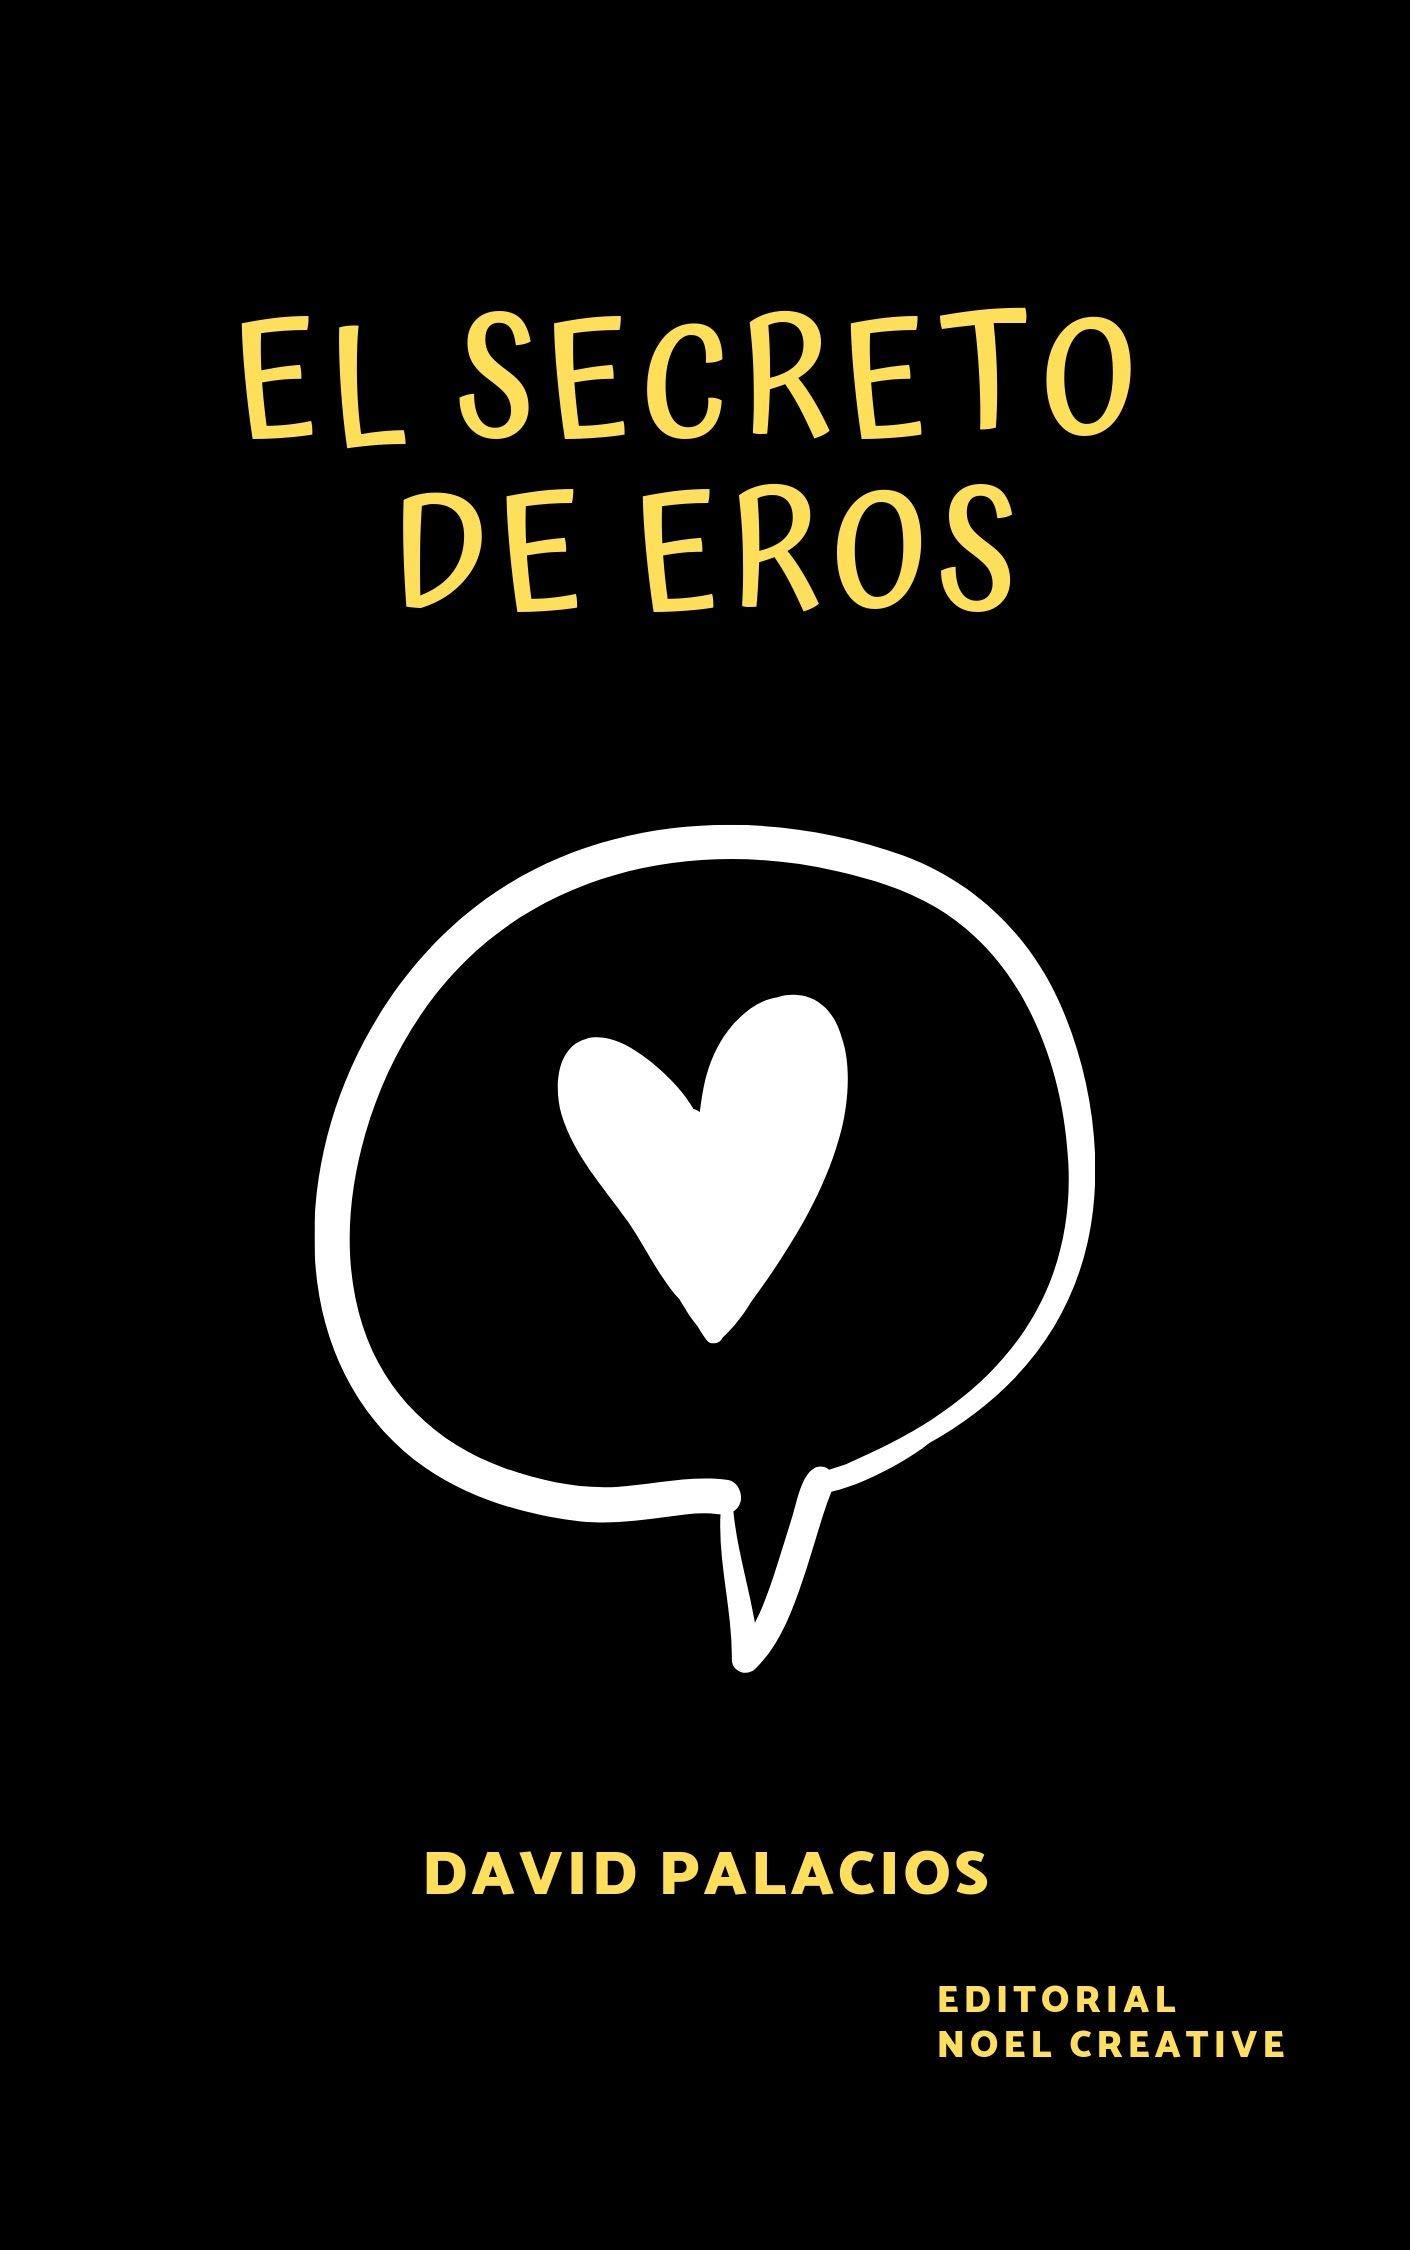 El Secreto de Eros: Novela juvenil